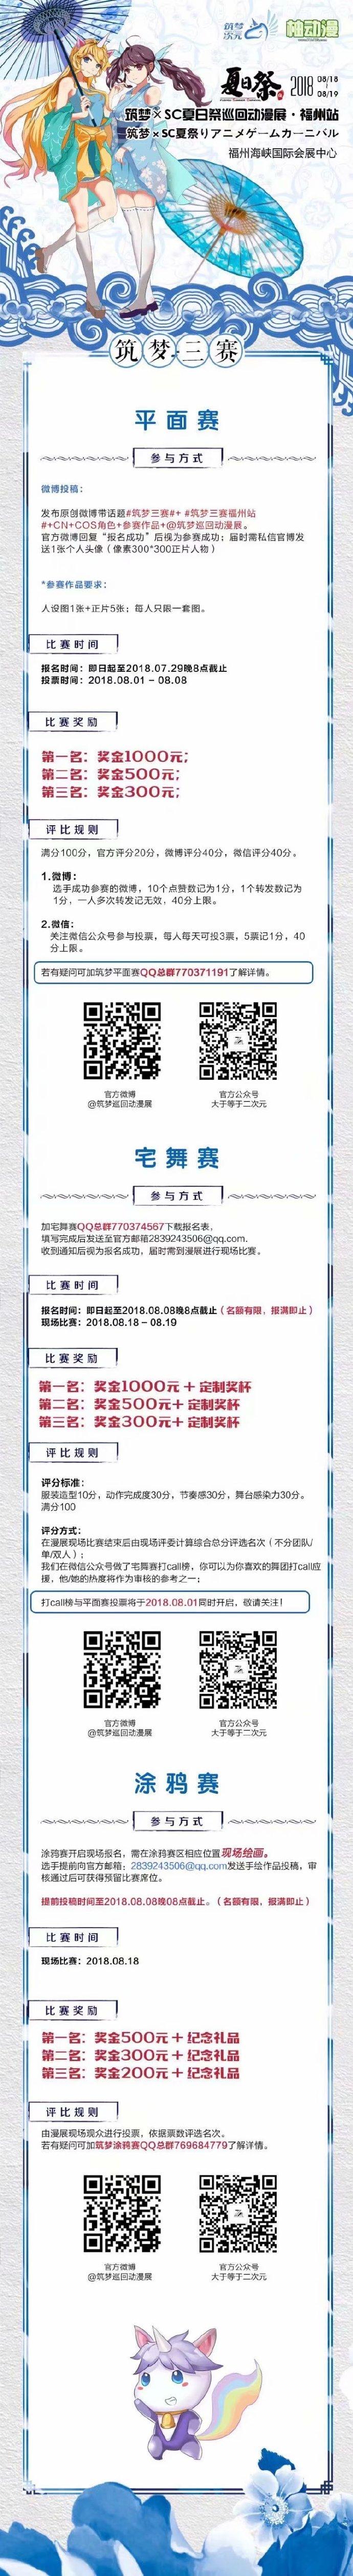 【合肥】筑梦全国巡回动漫展暨SC福州夏日祭国风舞大赛开启-ANICOGA